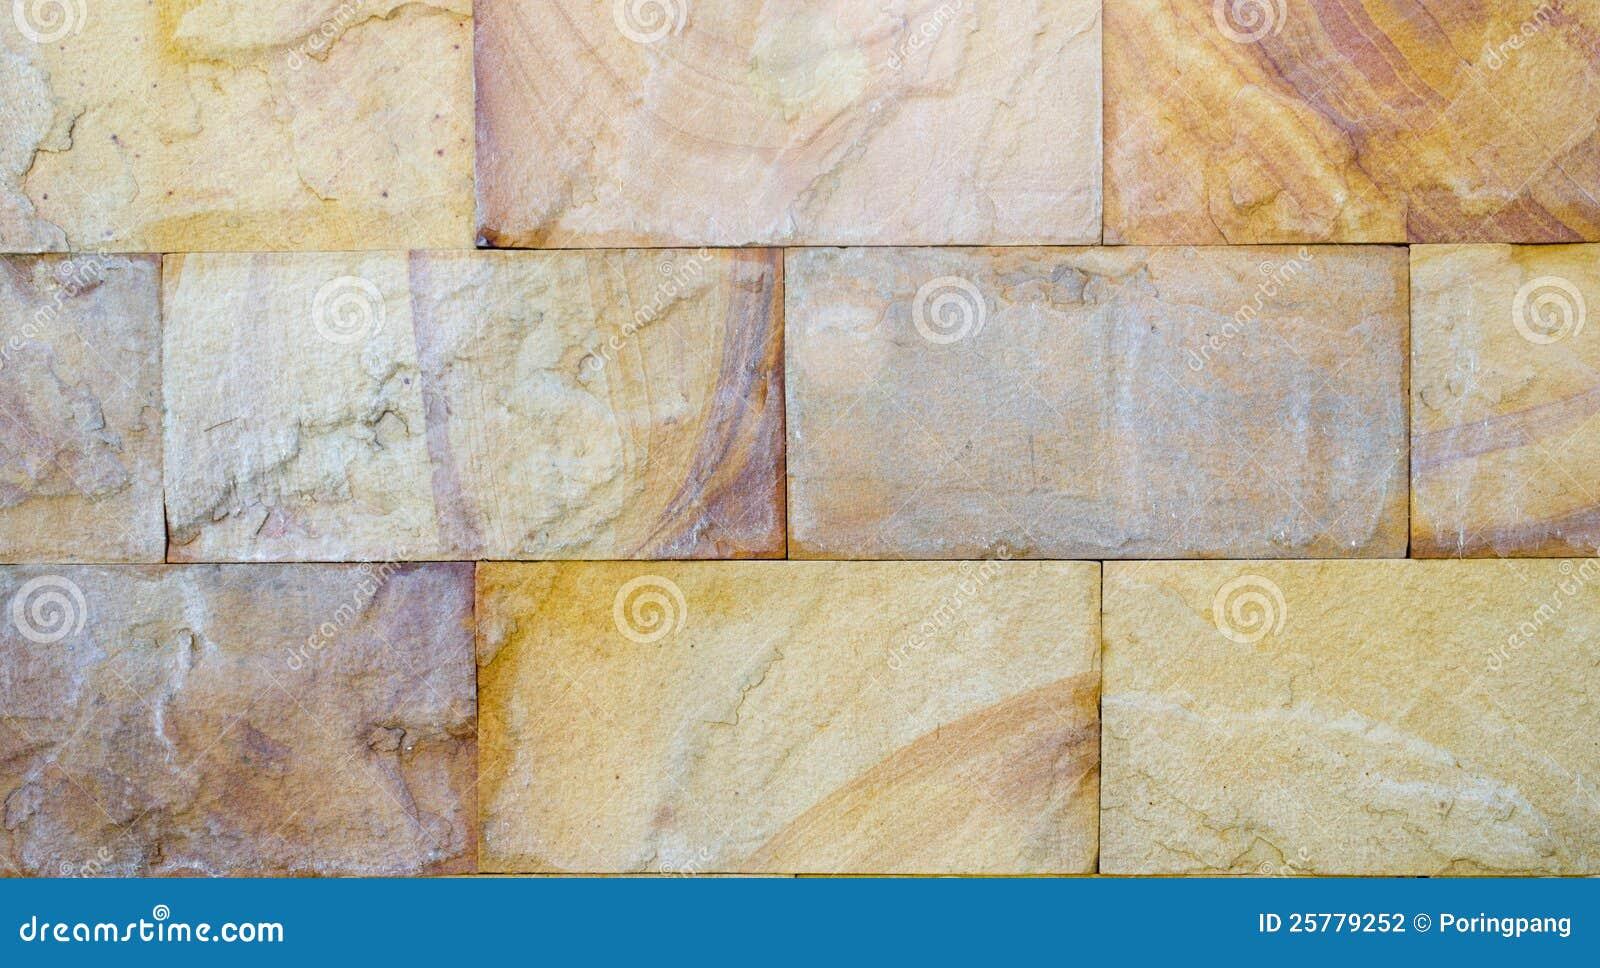 texture du mur en pierre de vieux rectangle pour le fond photo stock image du urbain brun. Black Bedroom Furniture Sets. Home Design Ideas